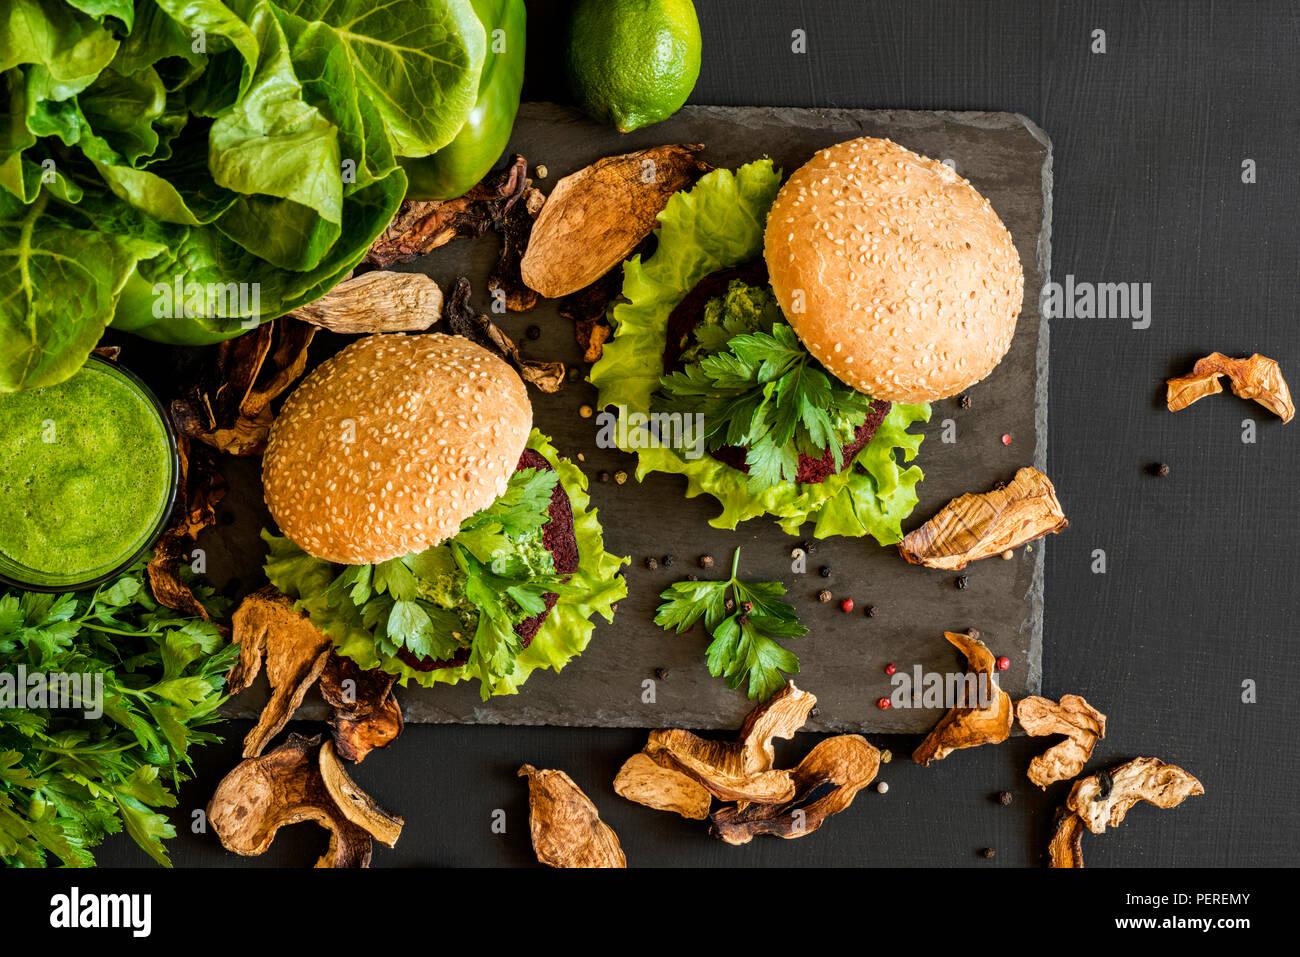 Vegane Burger mit Zuckerrüben Schnitzel und grüne Smoothies auf schwarzem Hintergrund. Gesund Vegan essen. Detox Diät. Stockfoto